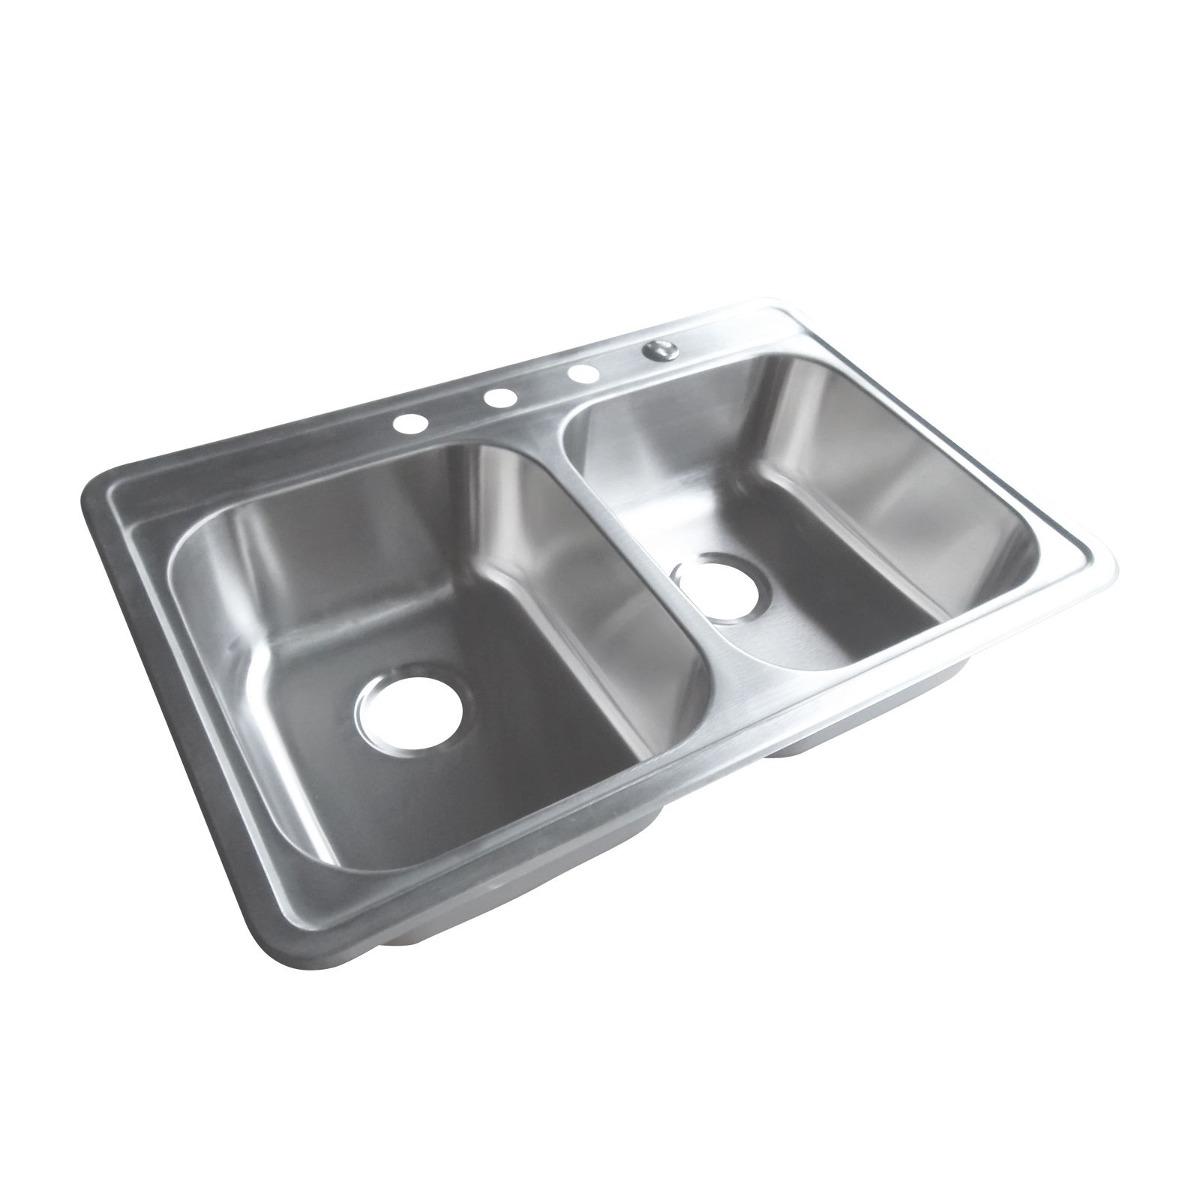 Fregadero De La Cocina De Plato Doble De 33 X... (sink, 1 ...